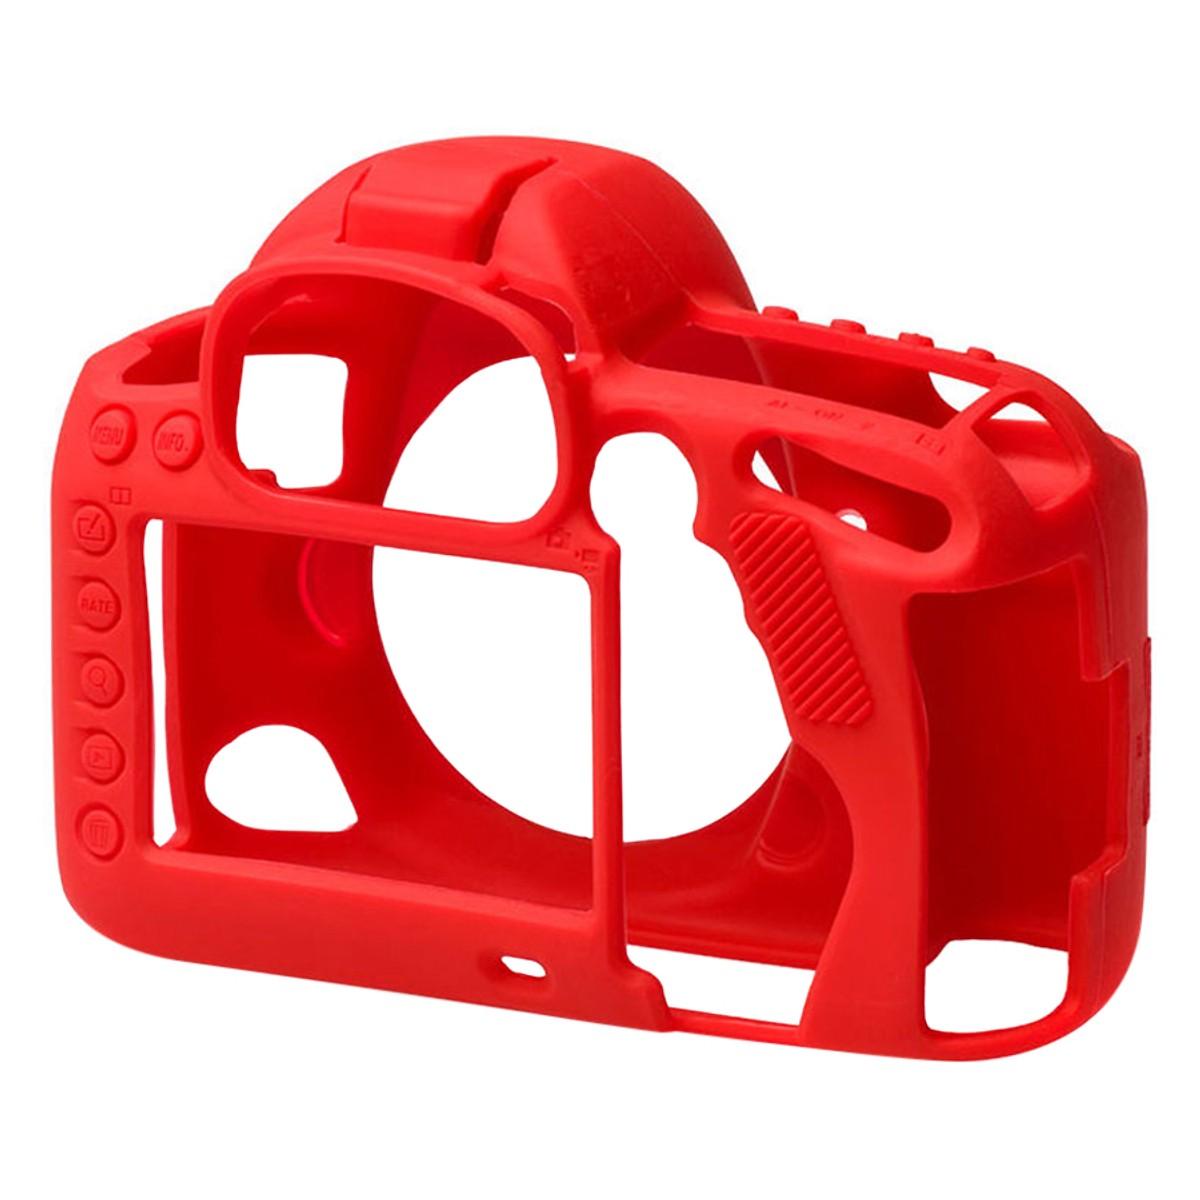 Bao Silicon Bảo Vệ Máy Ảnh  Cover Cho Canon 5D Mark IV Đỏ